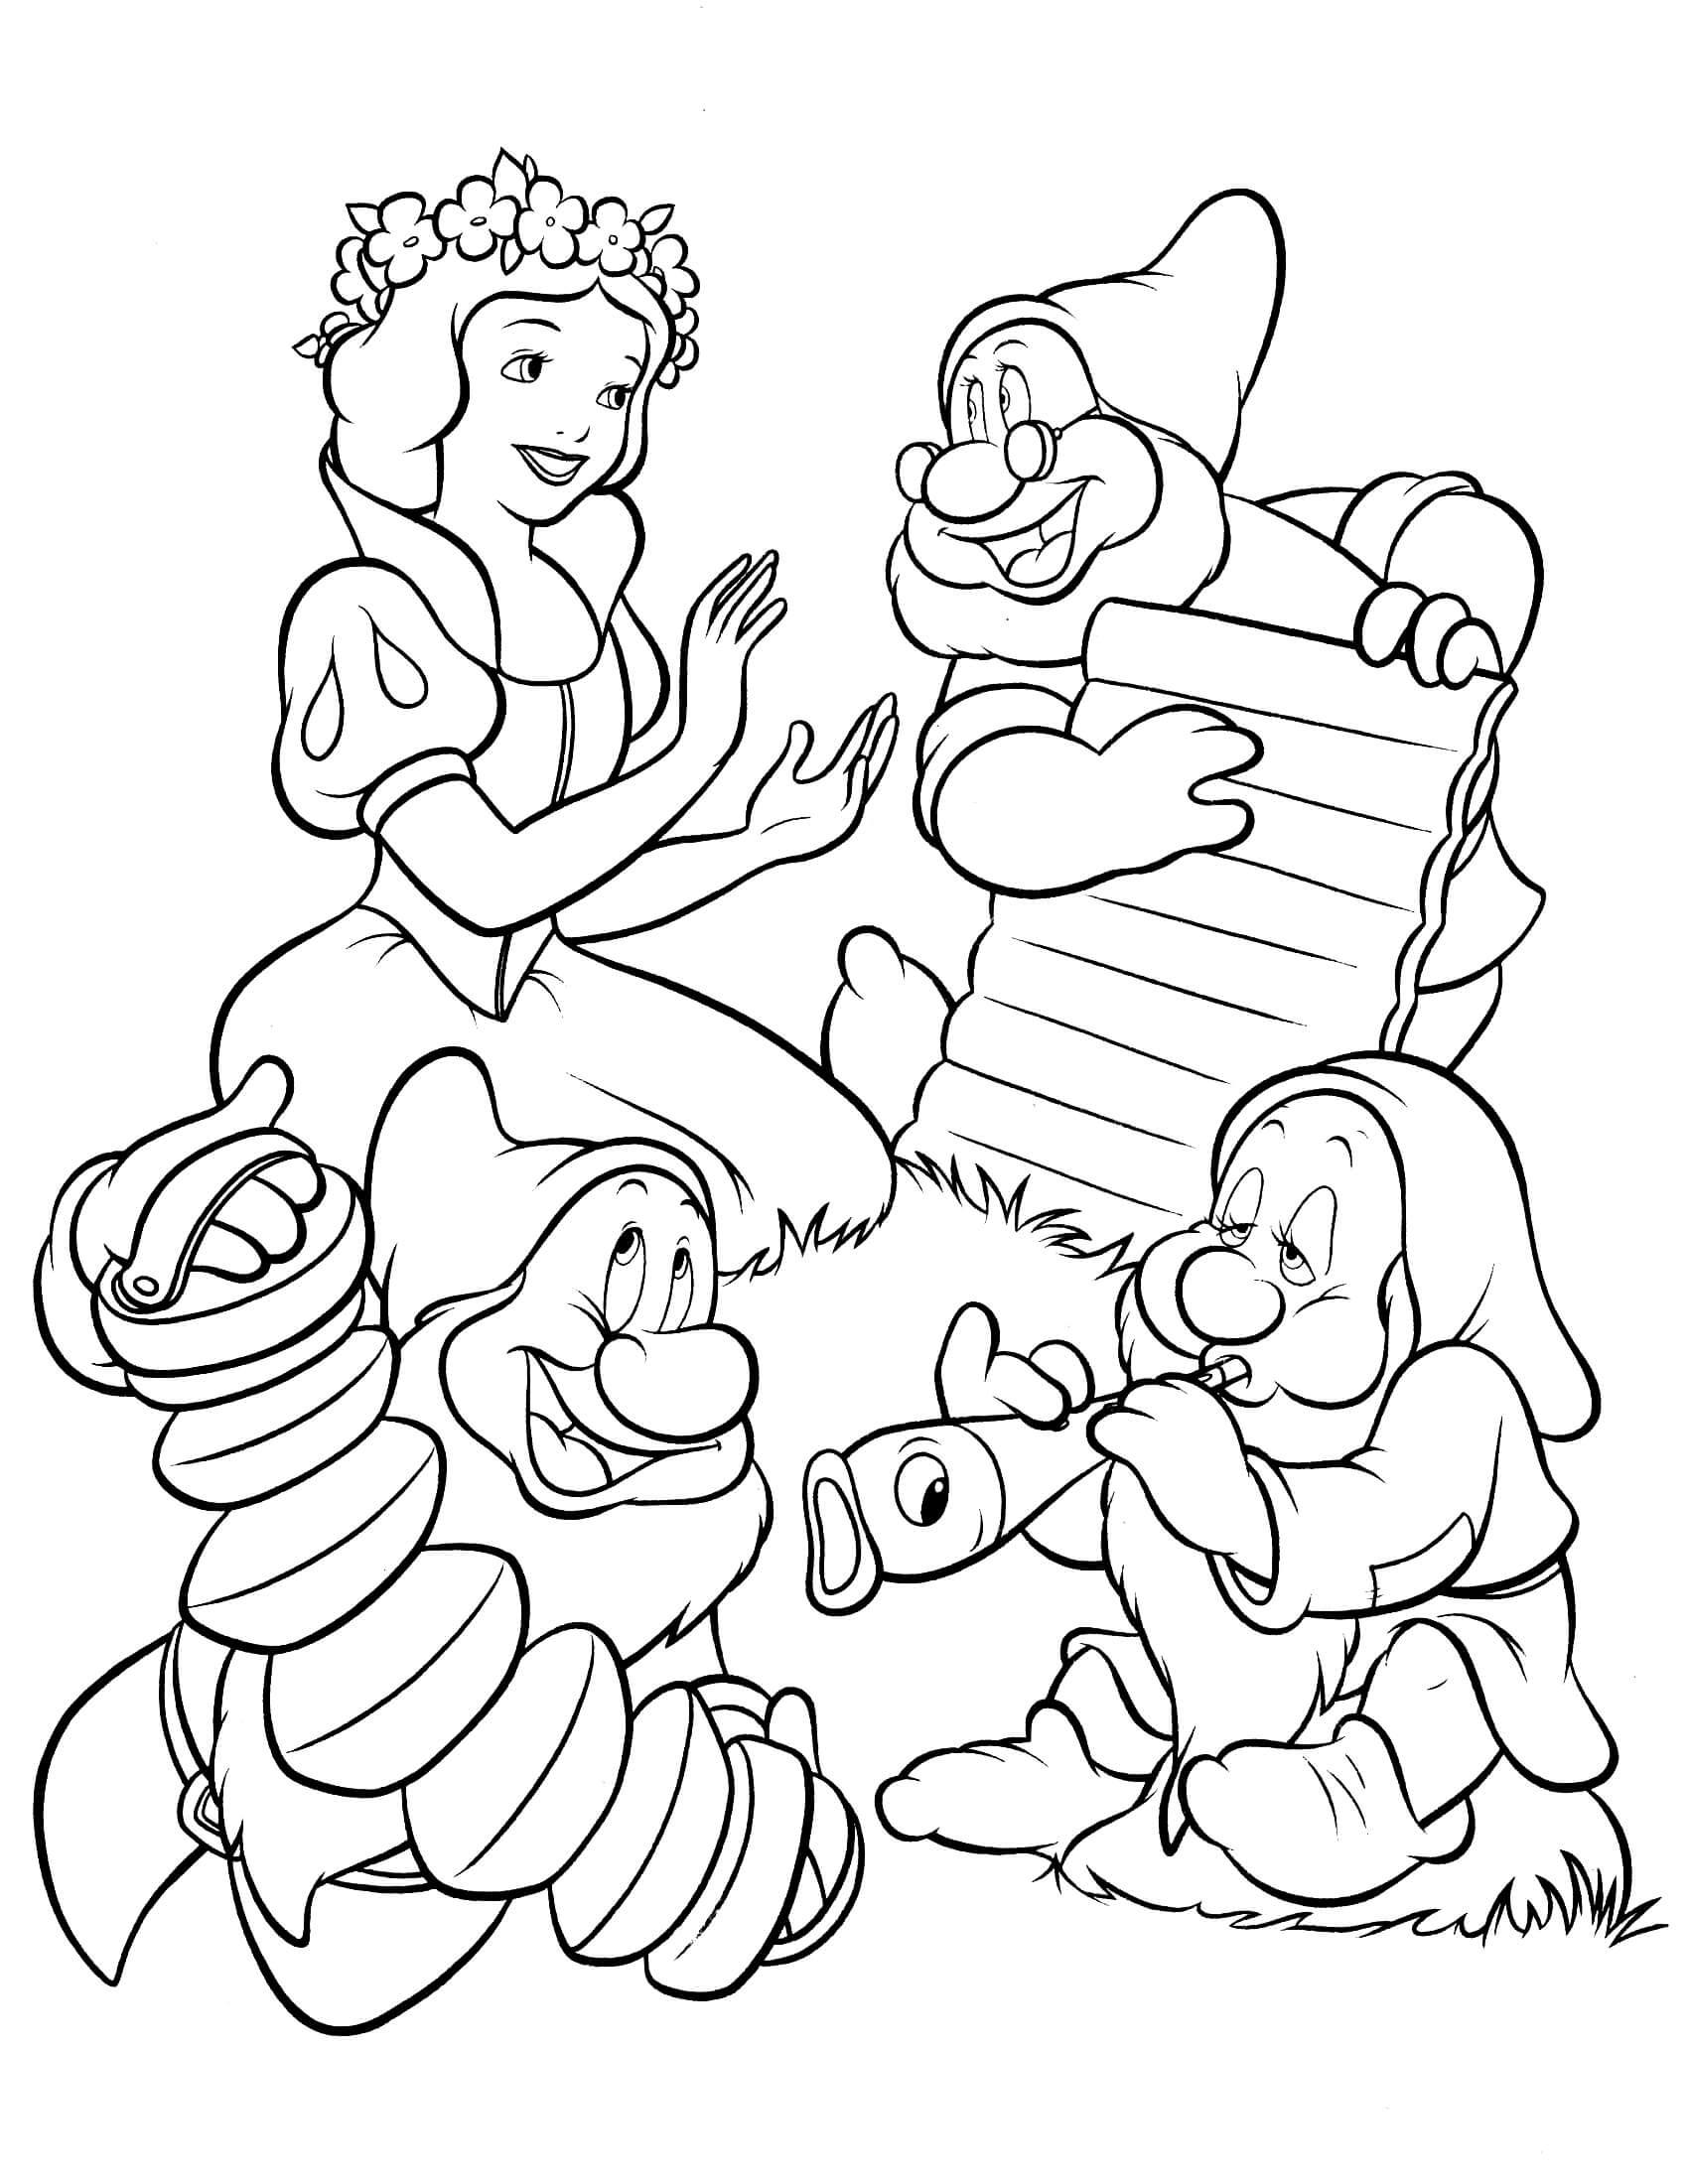 Tuyển tập tranh tô màu nàng Bạch Tuyết xinh đẹp trong truyện cổ tích 31